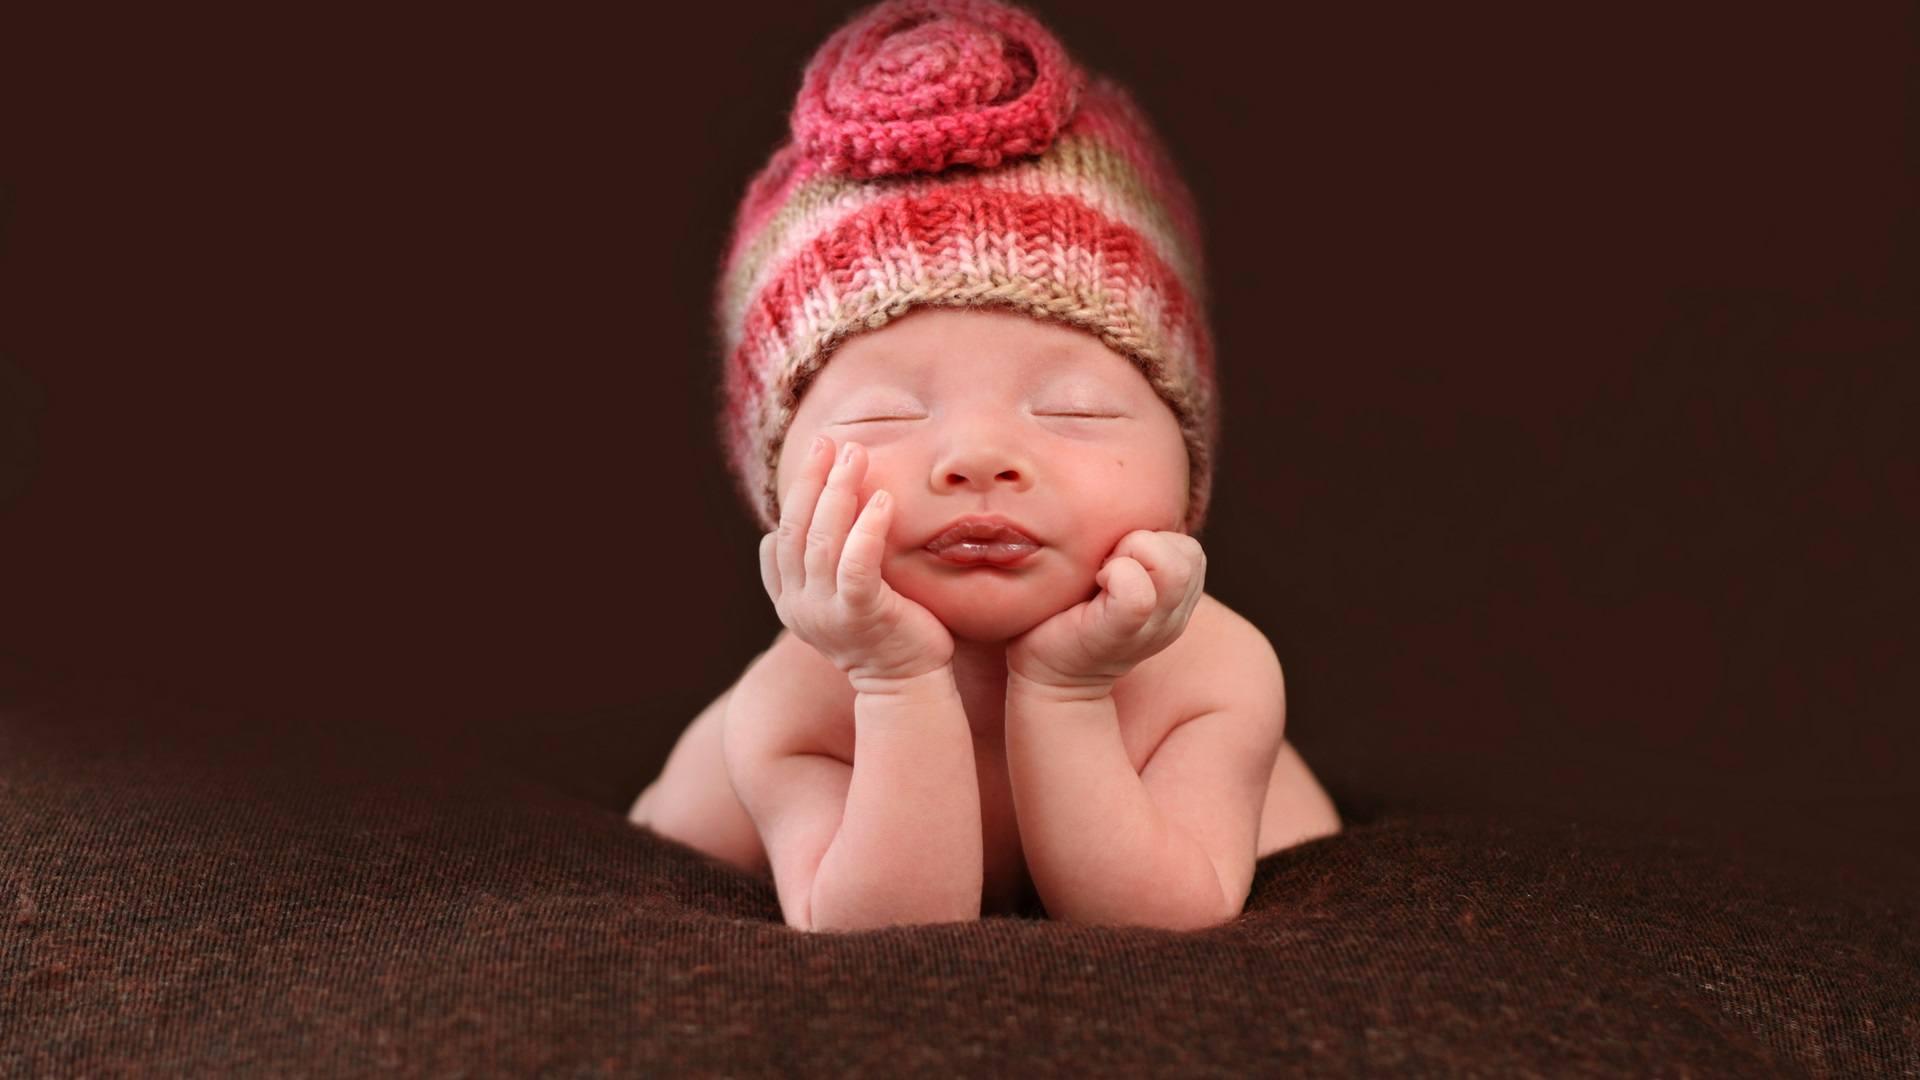 Baby Wallpaper 008